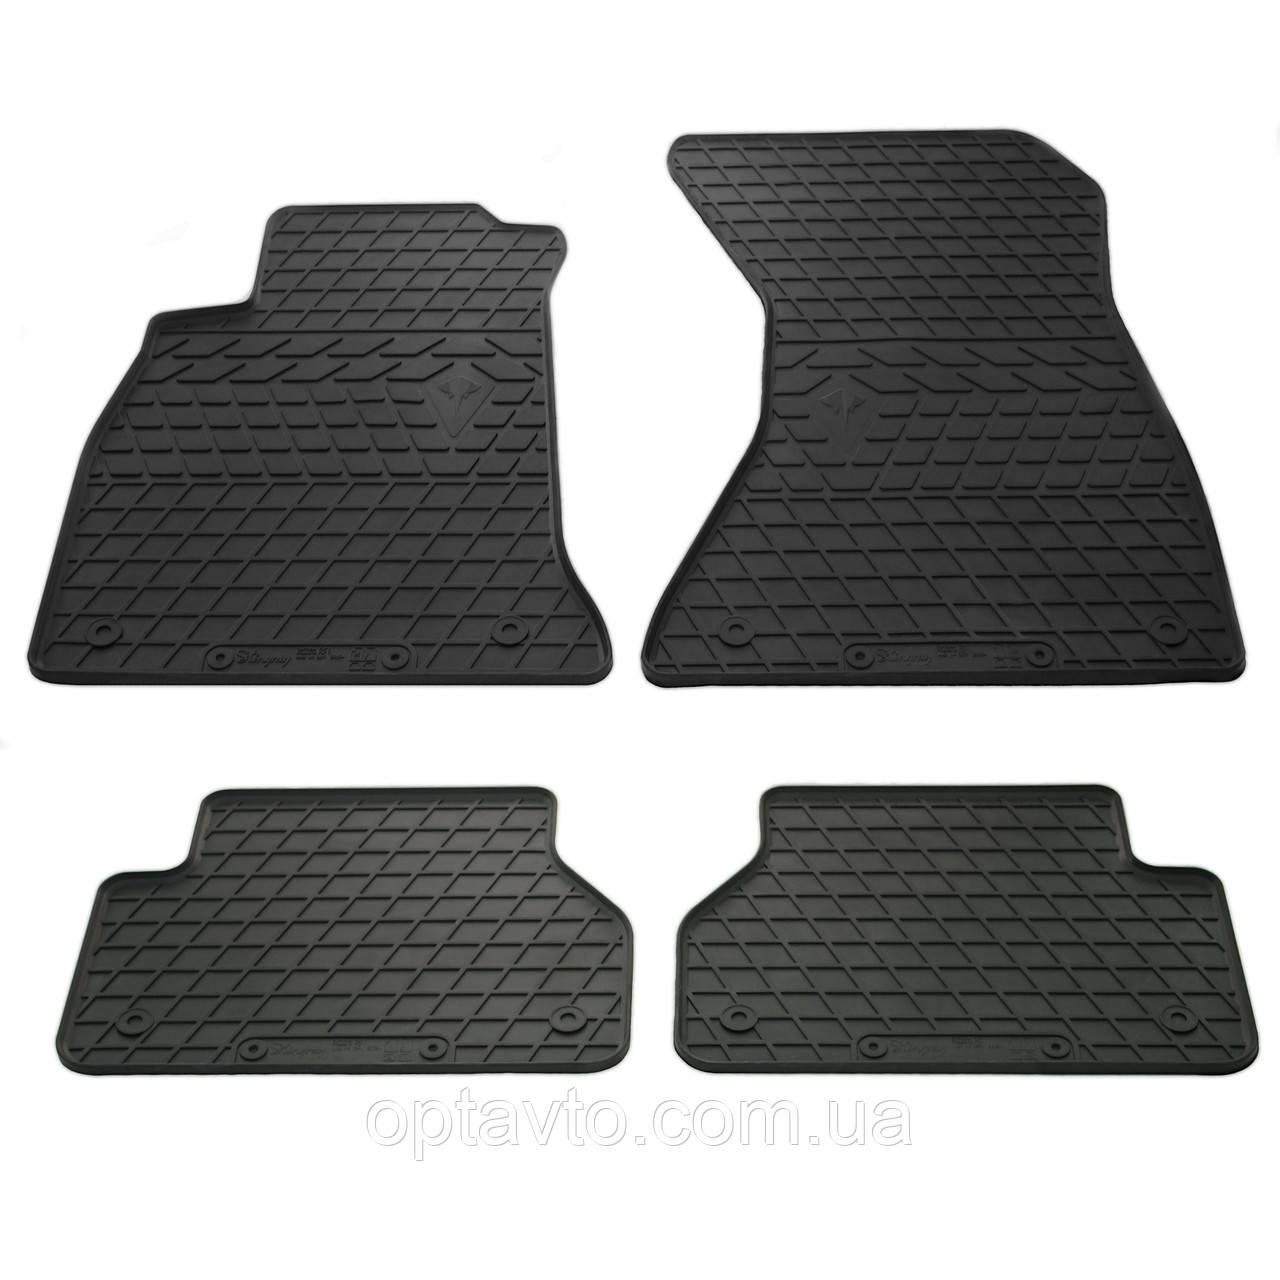 AUDI A4 (B9) - комплект качественных резиновых ковриков. Комплект 4 шт. (2015-2020)